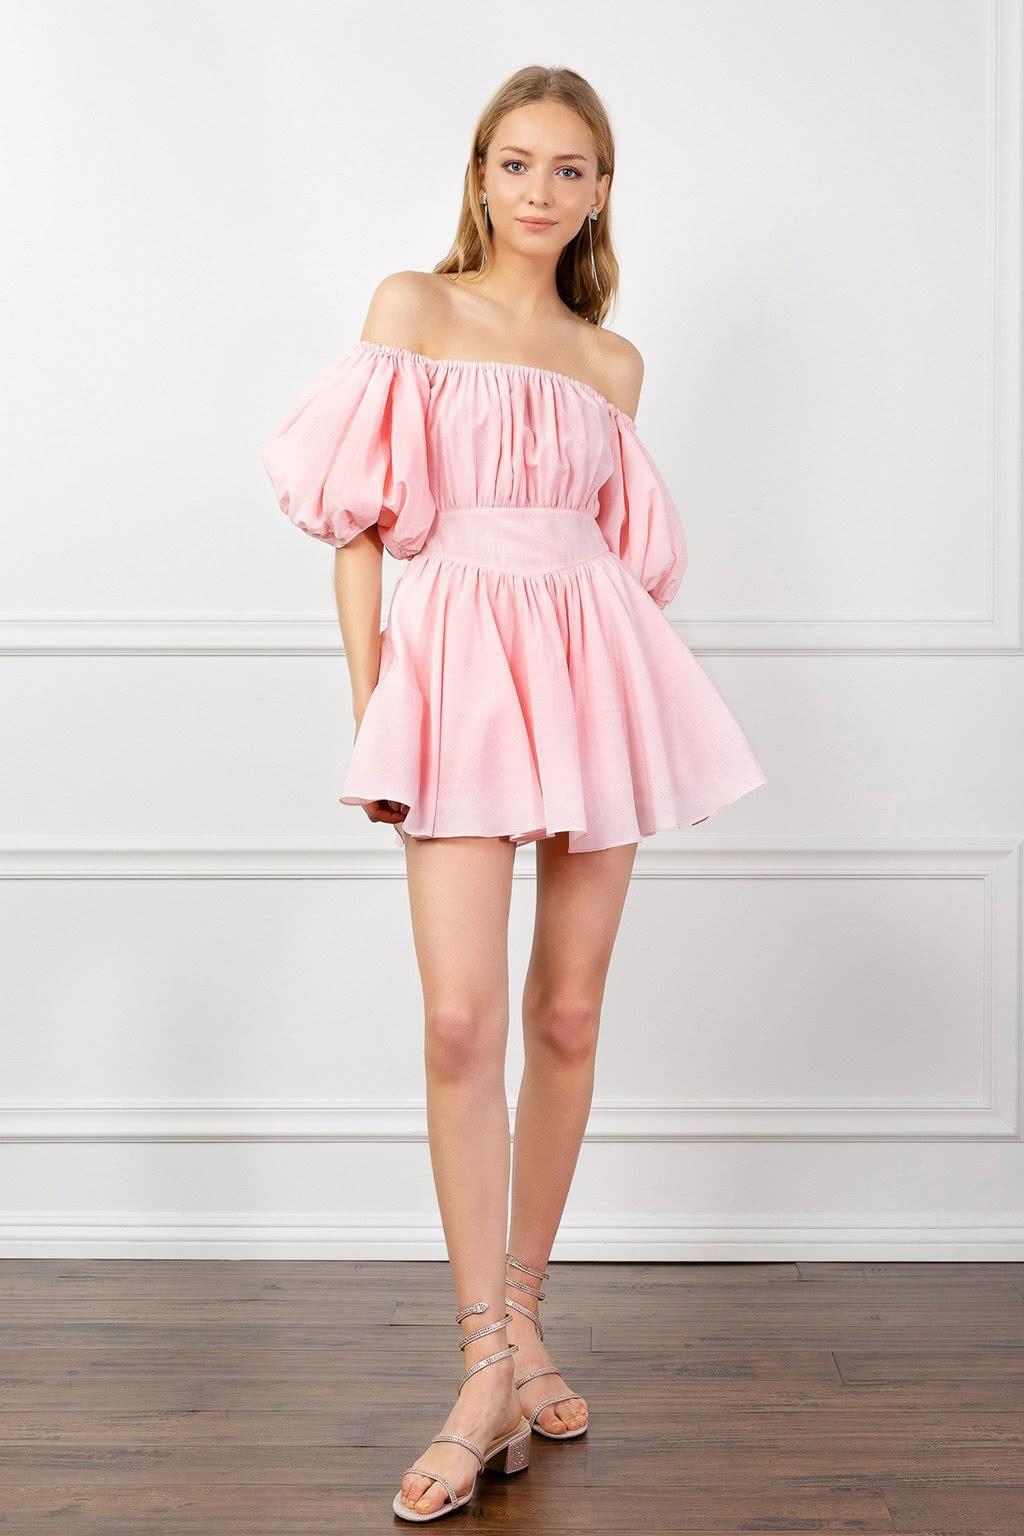 J.ING pink dress summer 2019 women - Luxe Digital